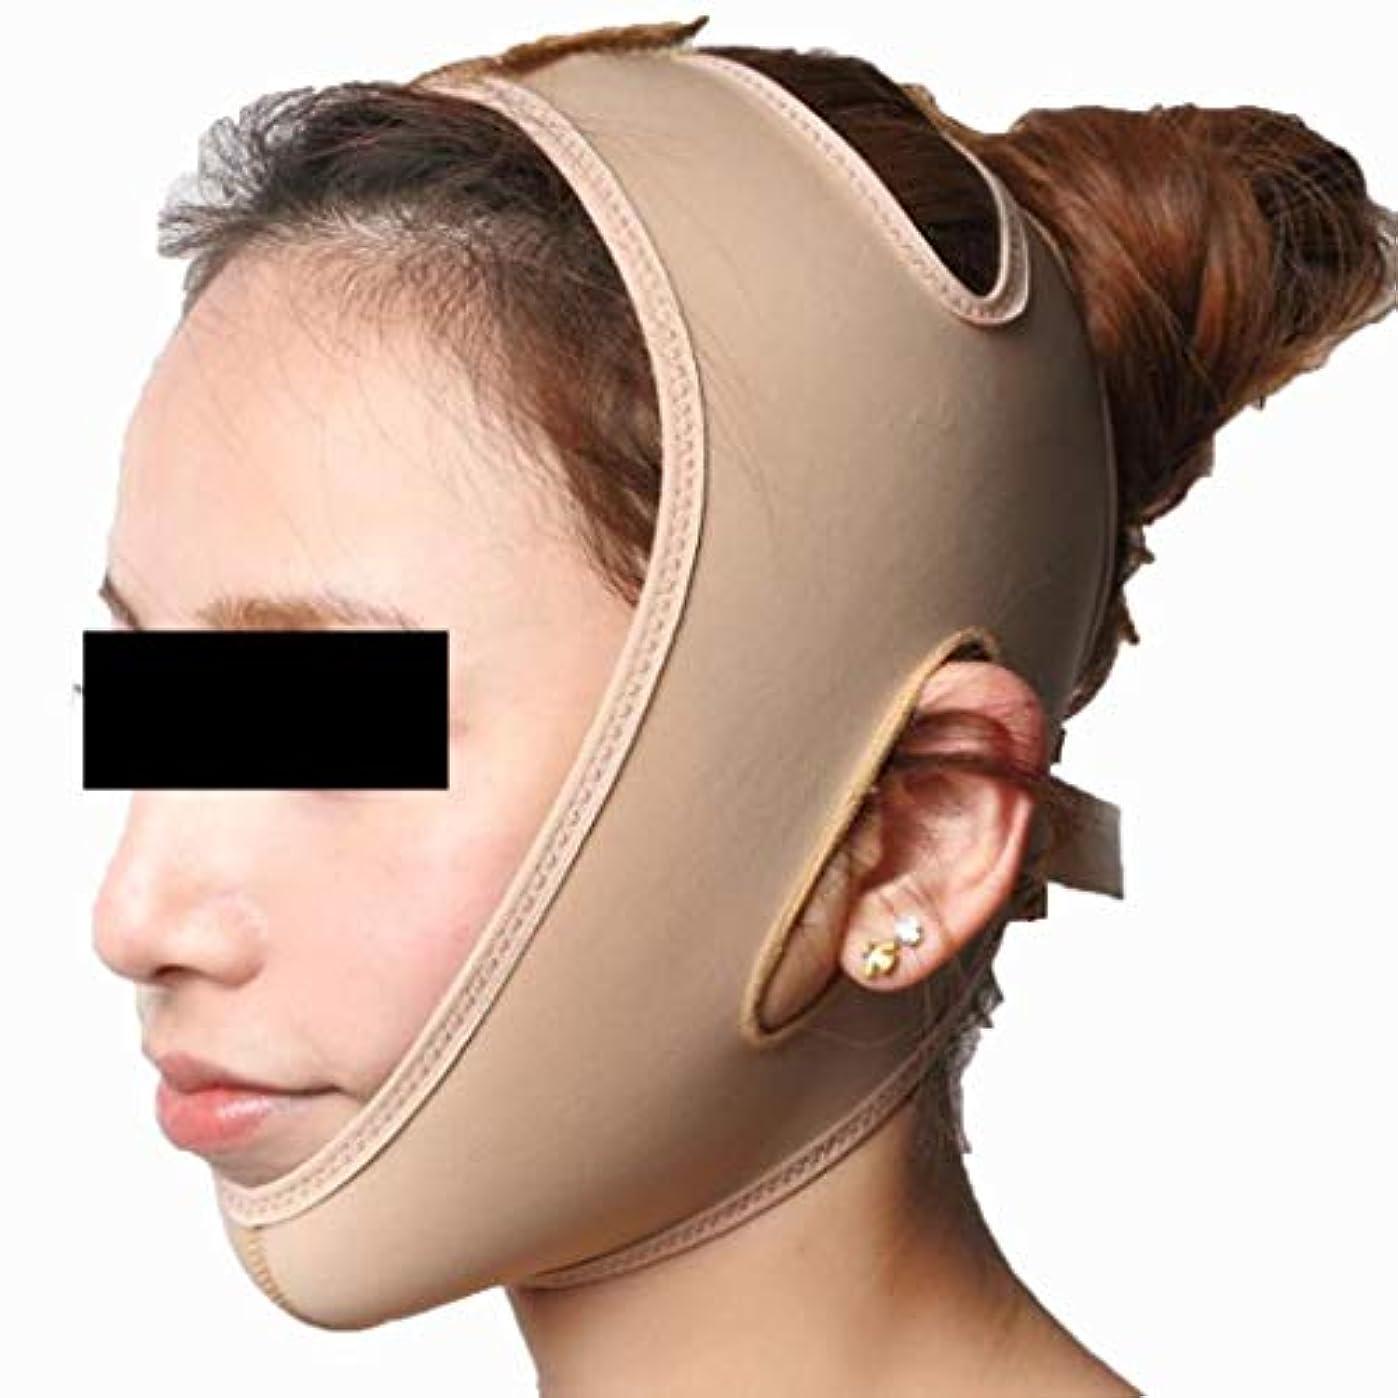 天皇マーチャンダイザー予定薄い顔包帯フェイススリム二重あごを取り除くVラインの顔の形を作成するあごの頬リフトアップアンチリンクル